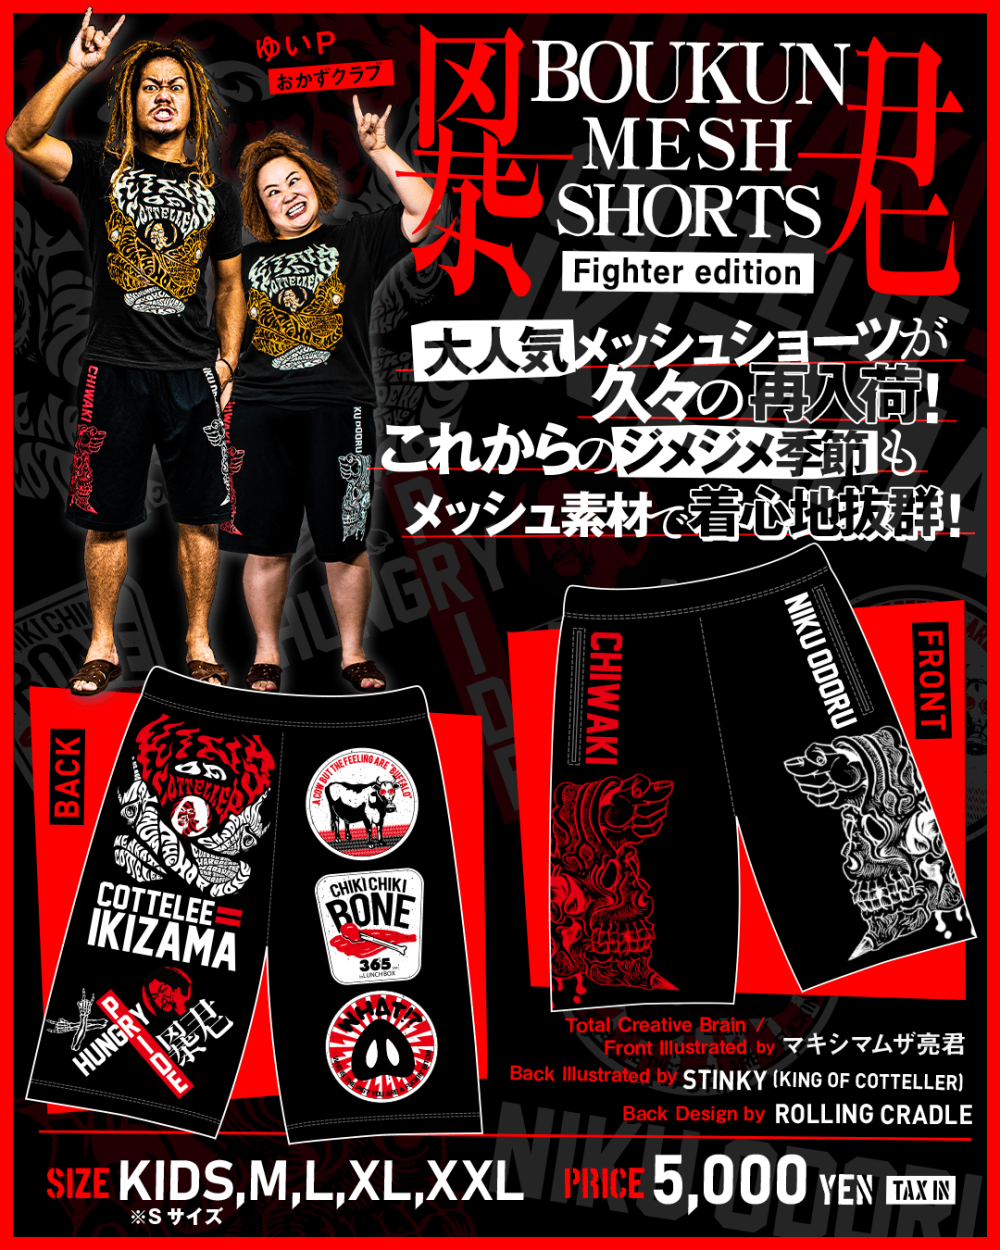 暴君メッシュショーツ(Fighter edition)